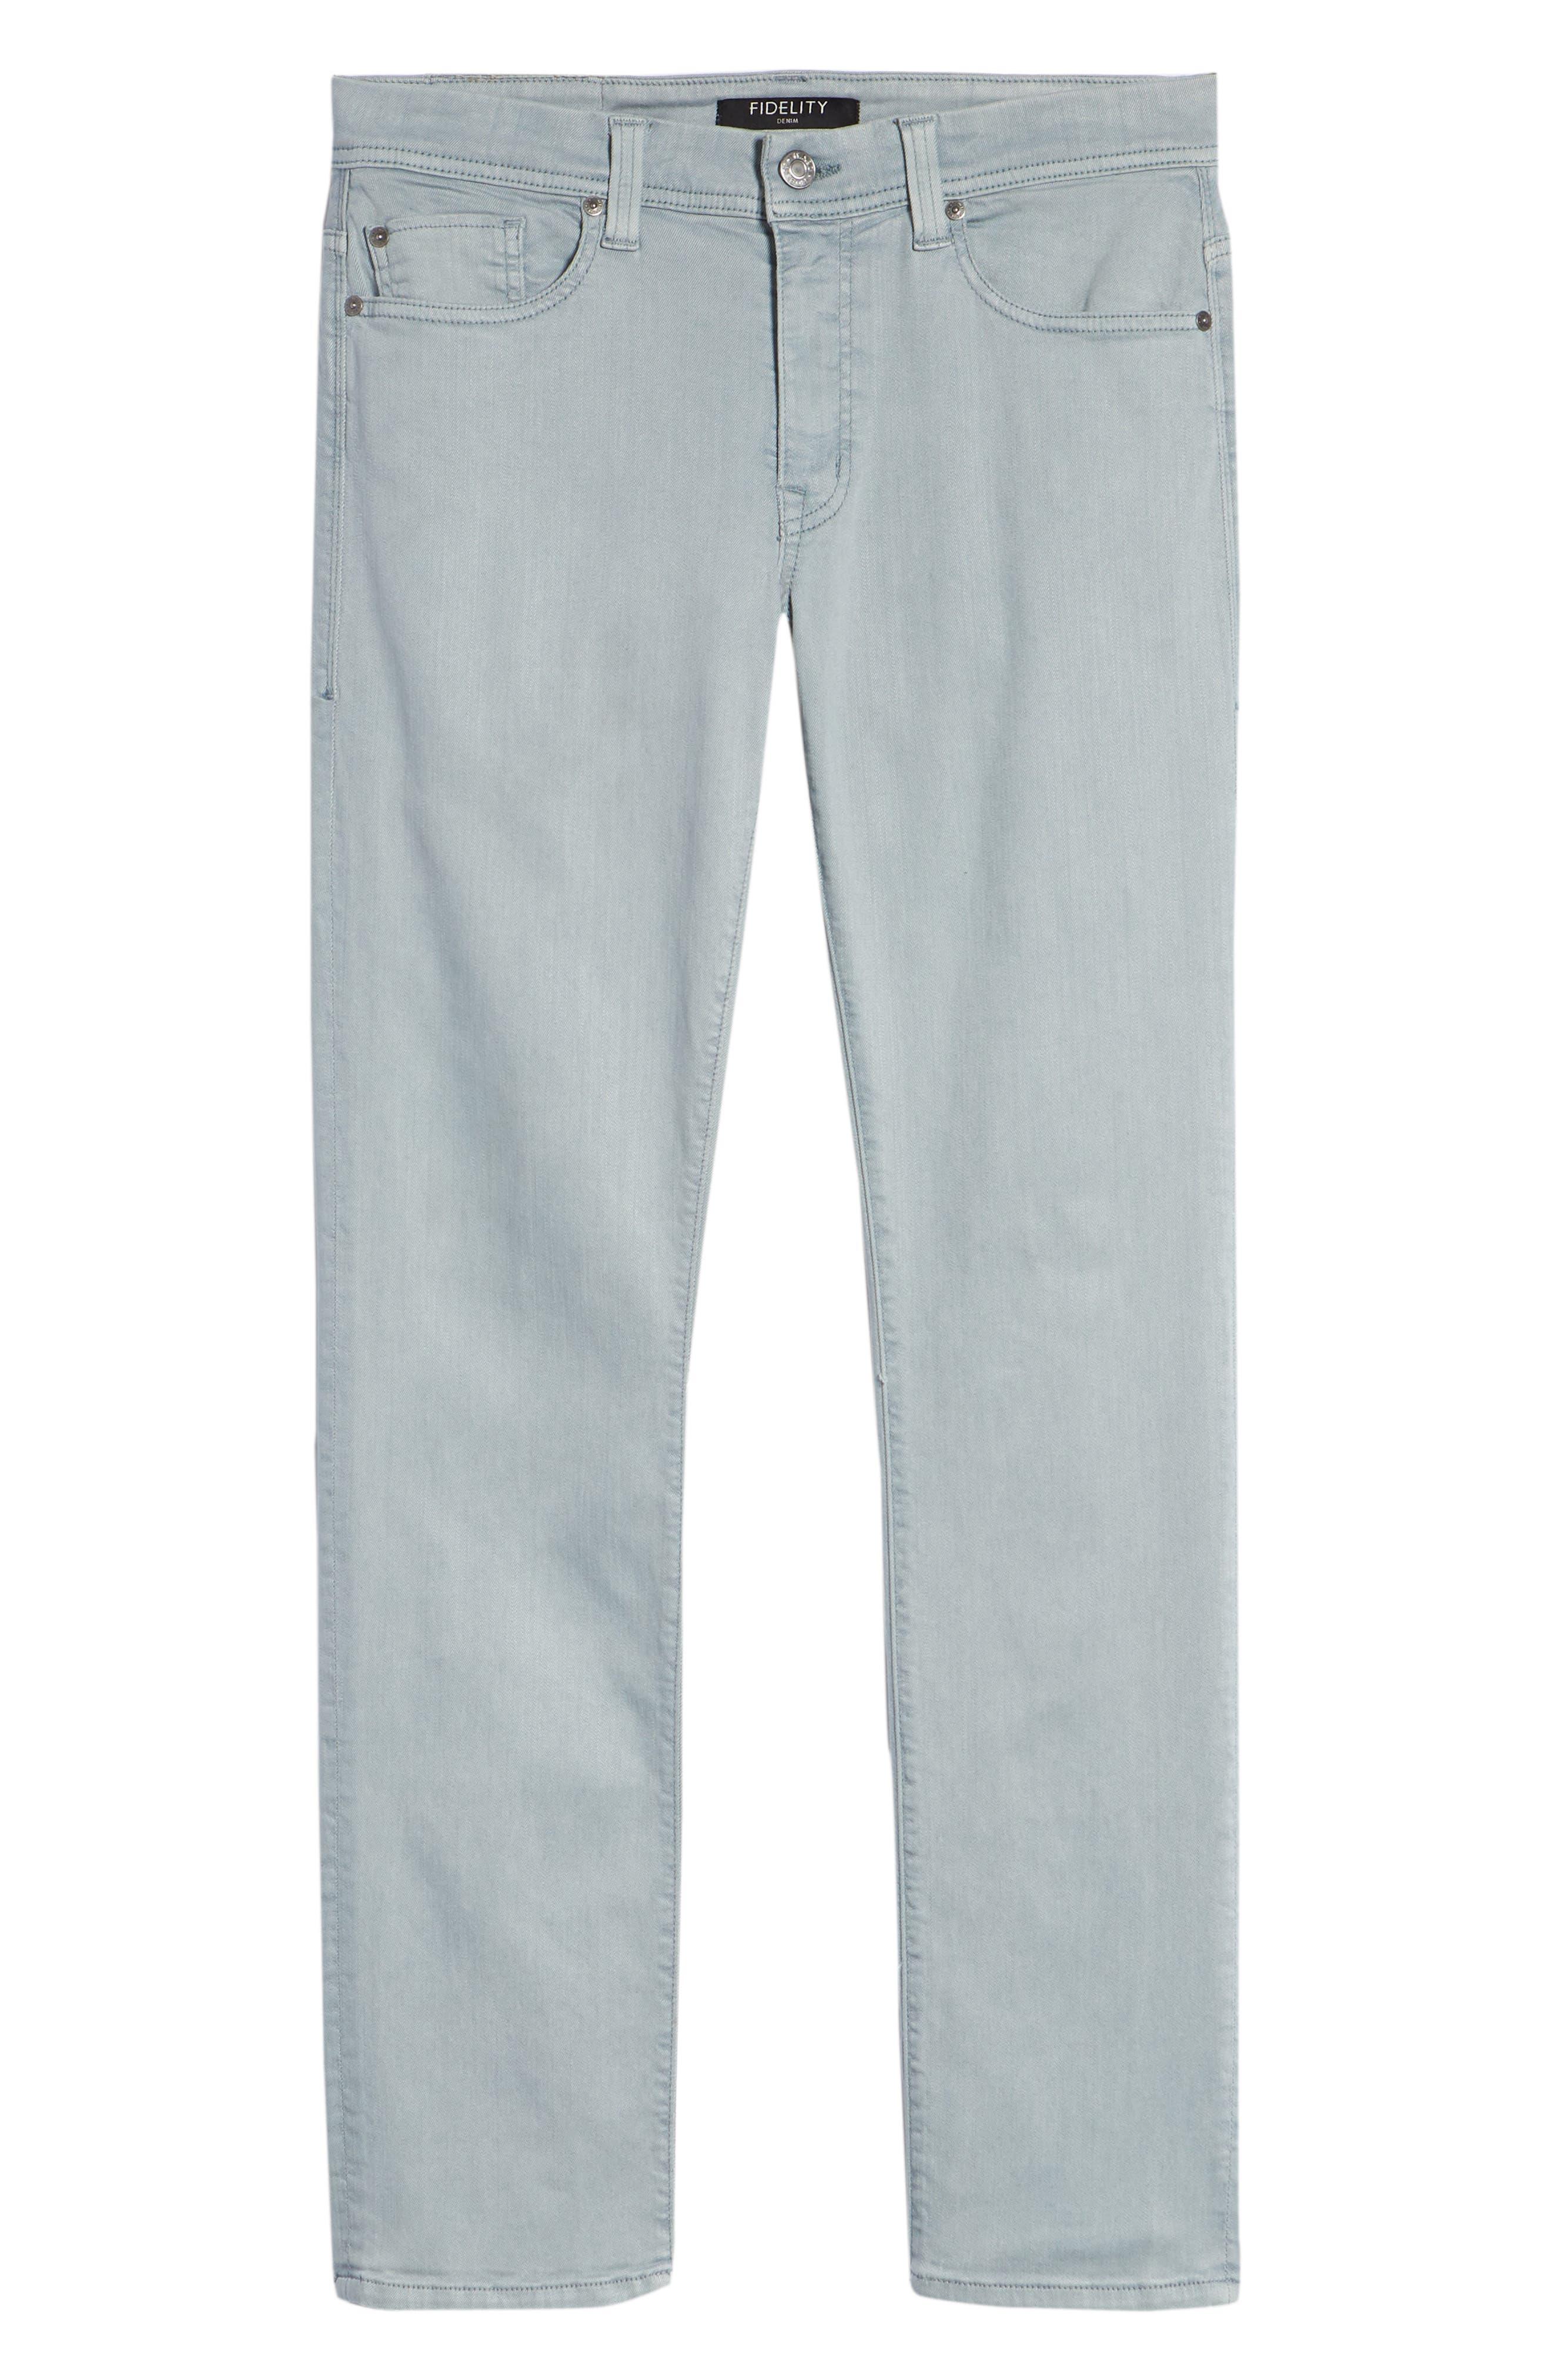 FIDELITY DENIM,                             Fidelity Jimmy Slim Straight Leg Jeans,                             Alternate thumbnail 6, color,                             020